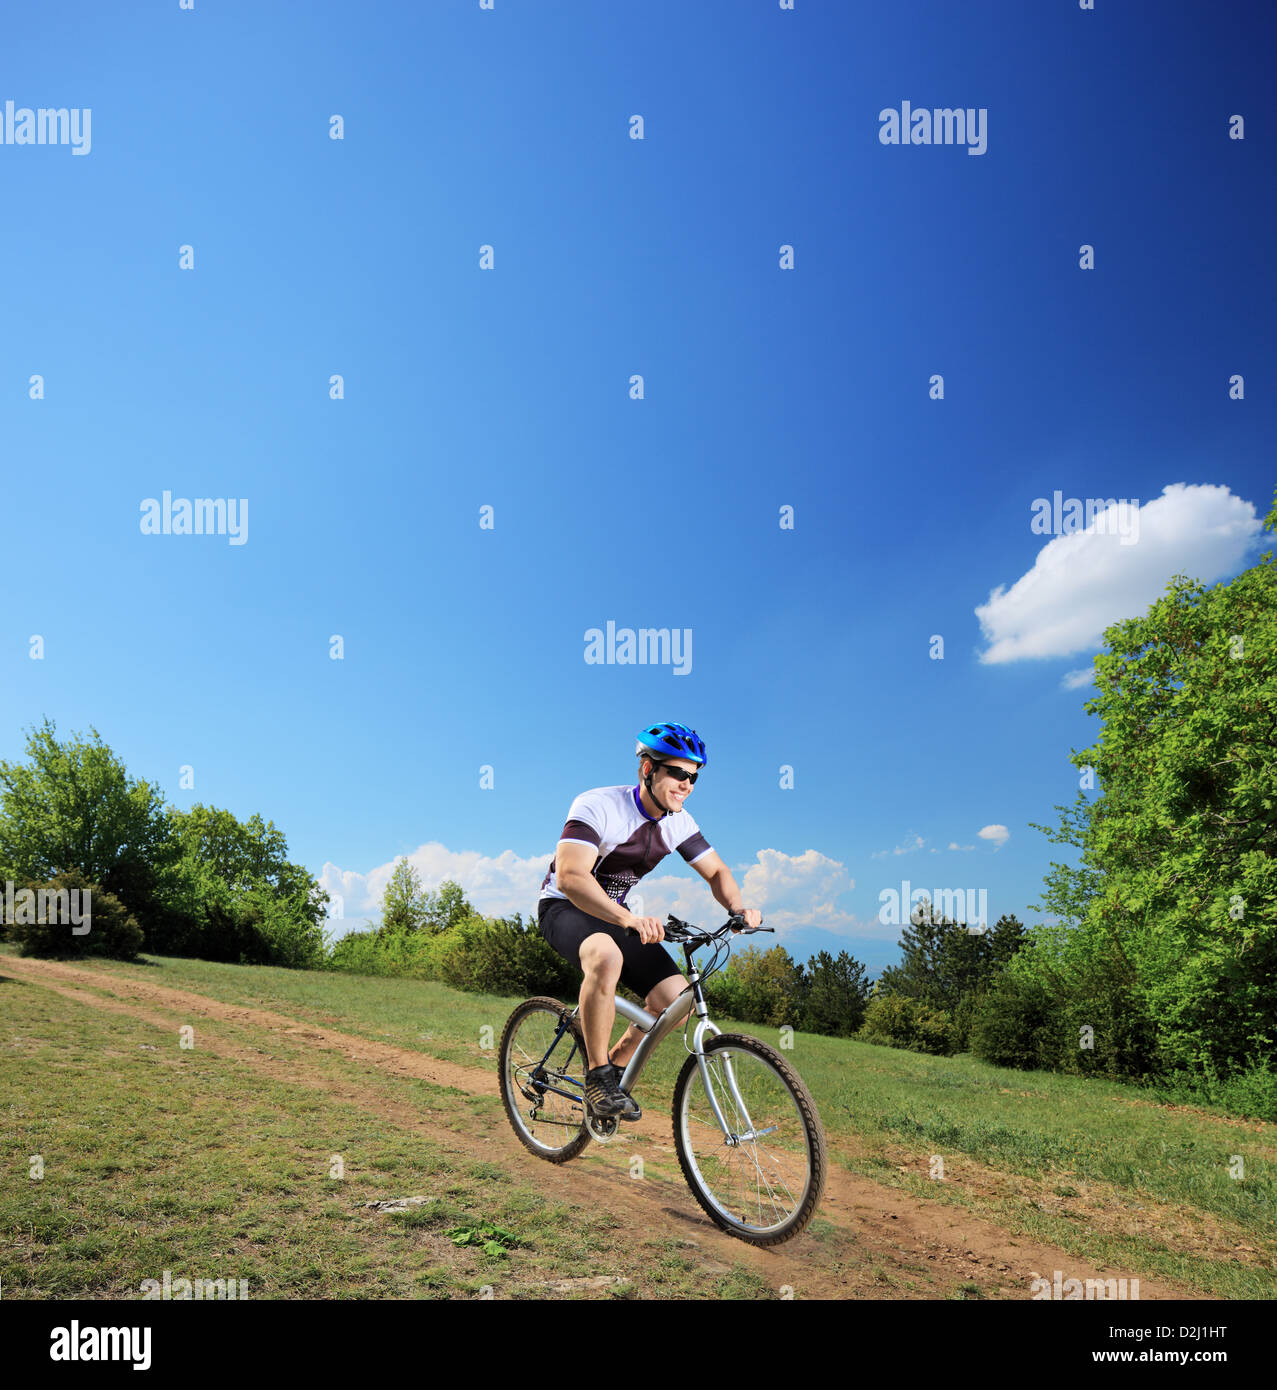 Ciclista macho montando una bicicleta de montaña cuesta abajo, tomada con una lente de basculación y de giro Foto de stock